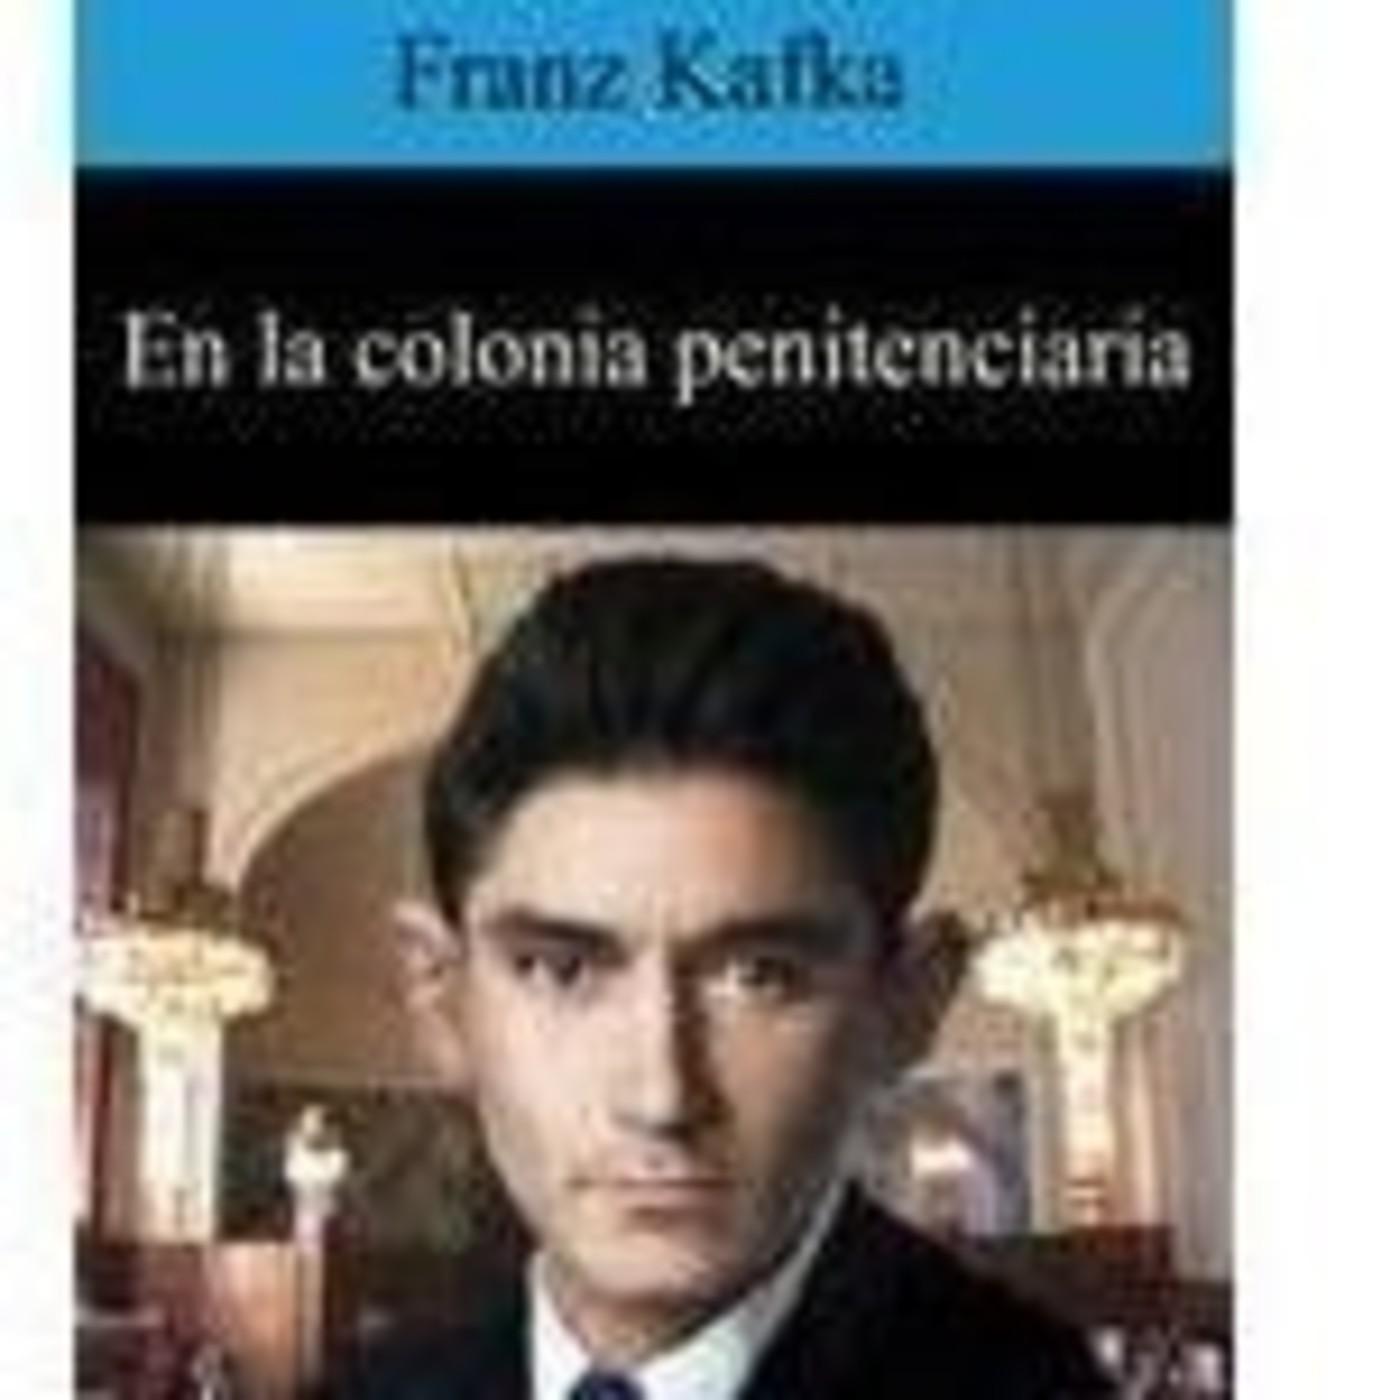 En la colonia penitenciaria de franz kafka en novela for La colonia penitenciaria